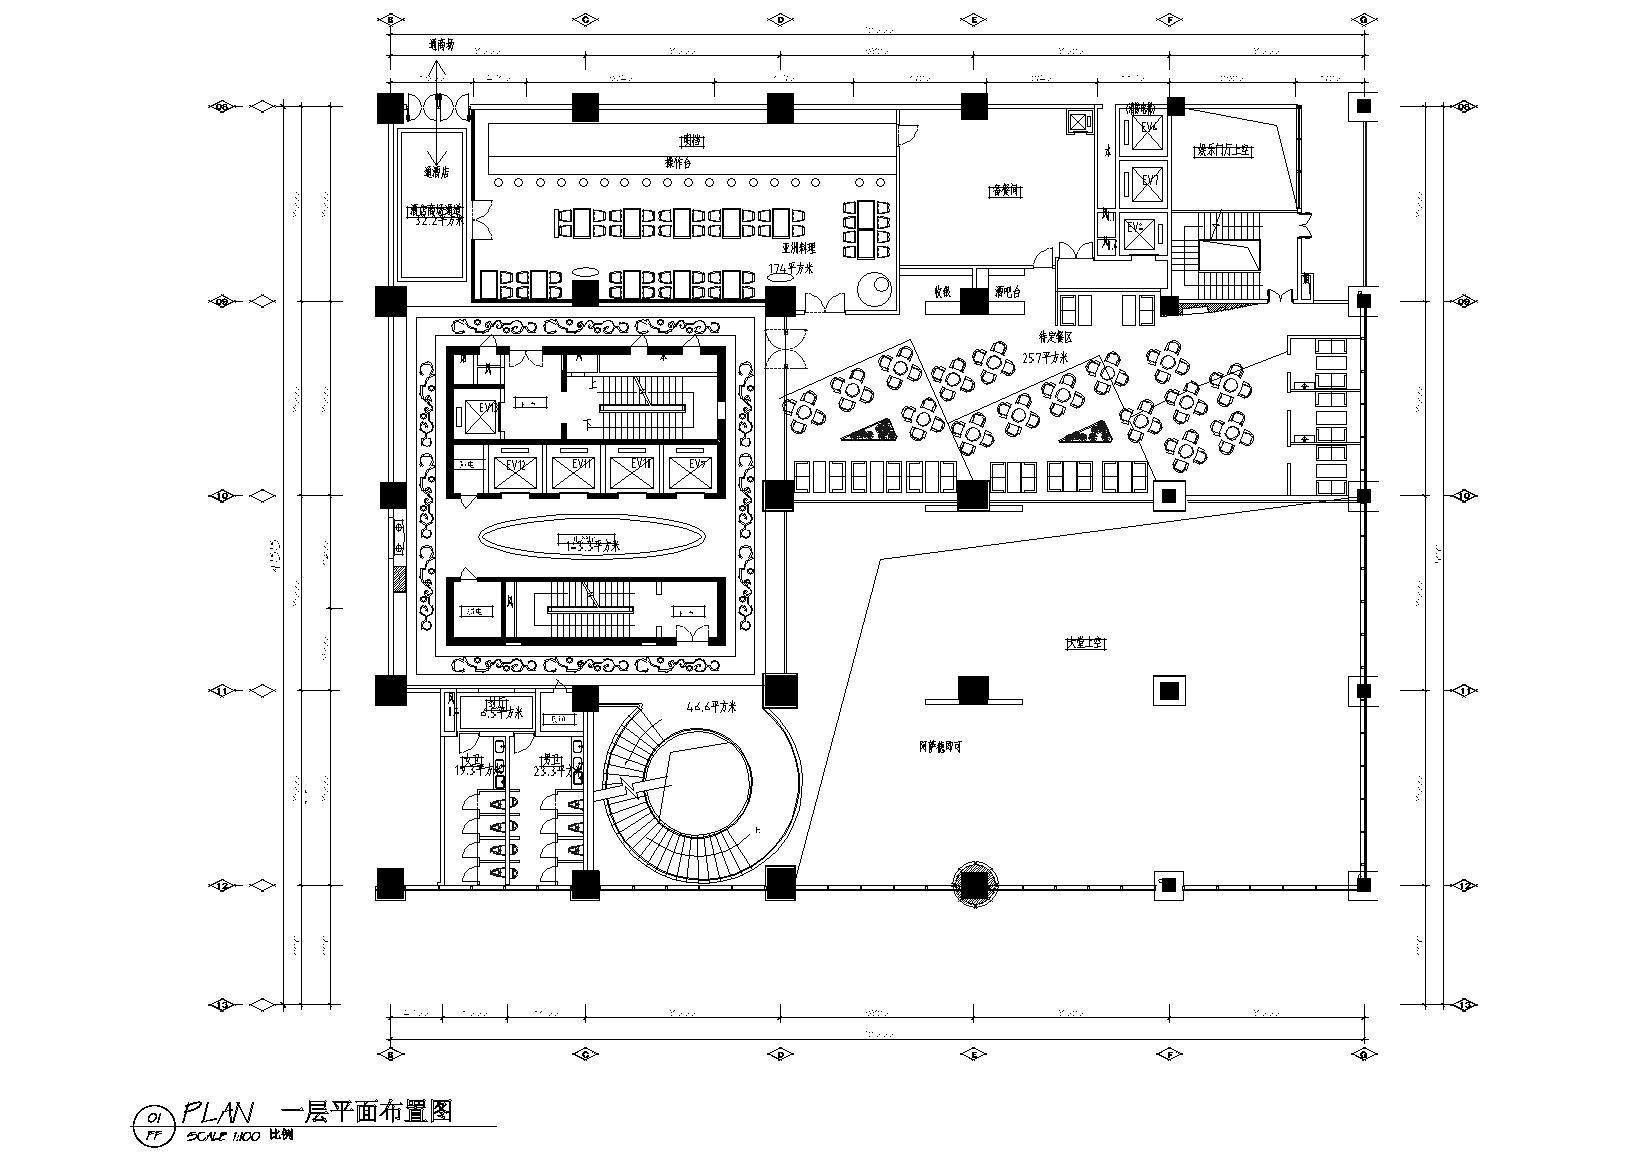 [贵州]中深/思柏德-富康国际酒店全套施工图+物料书+效果图